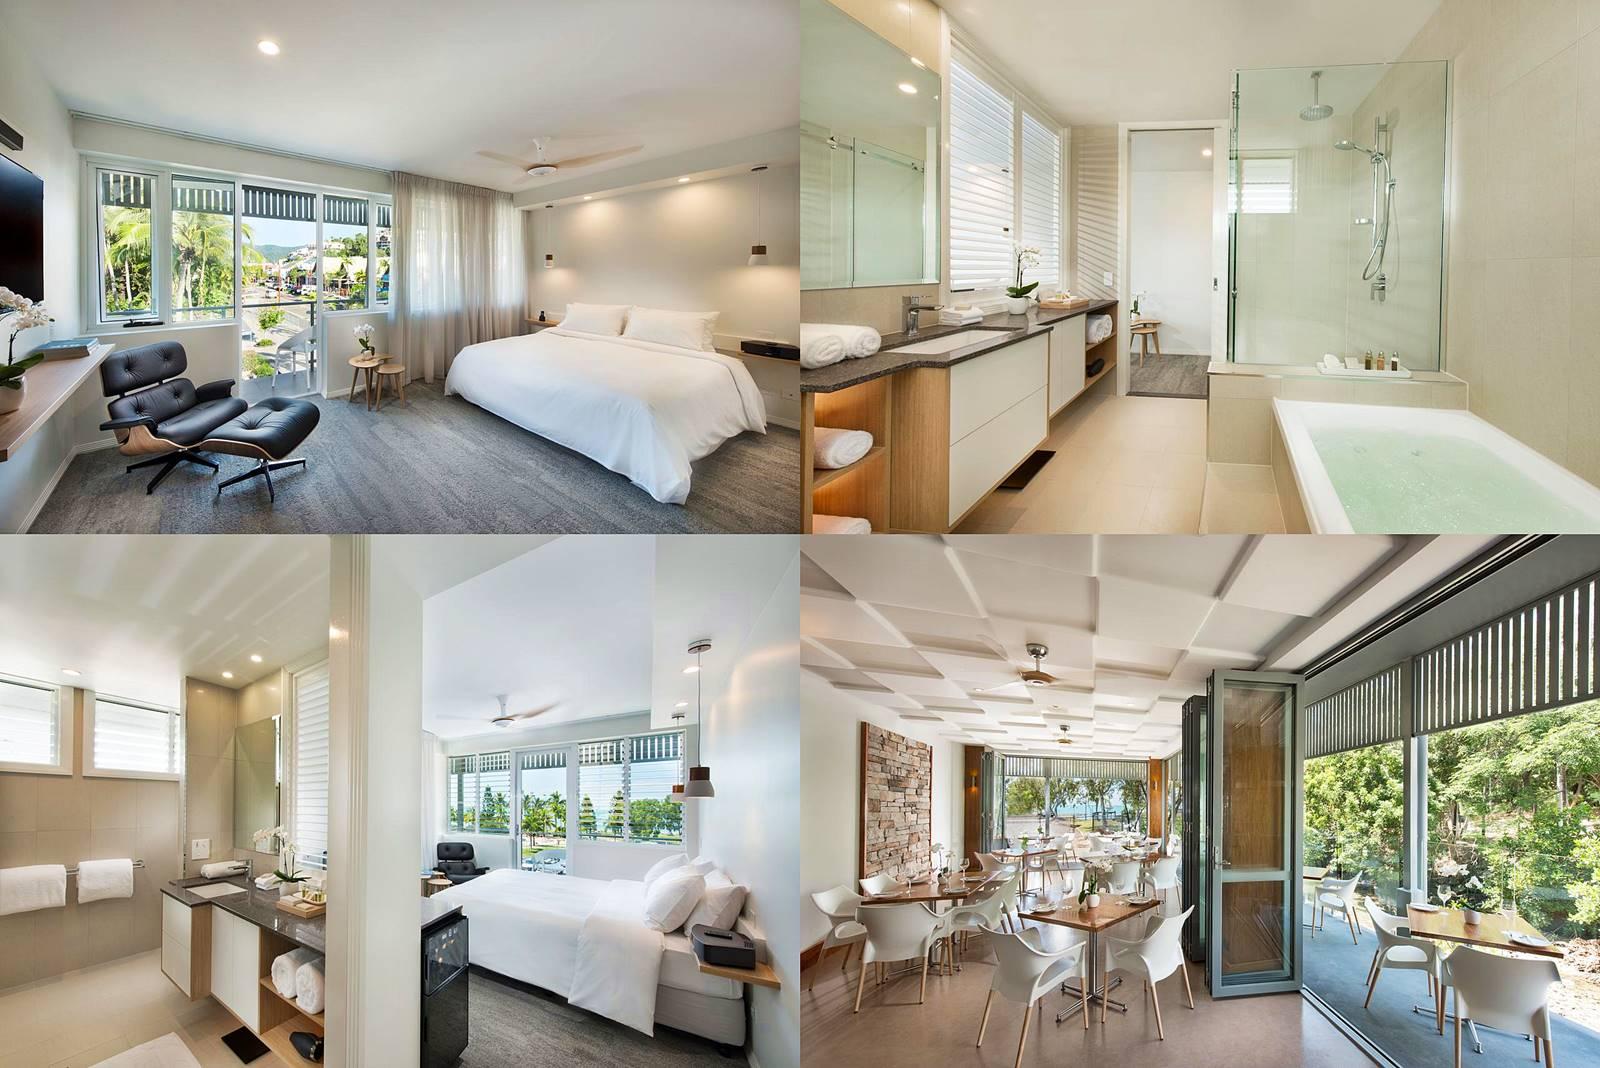 聖靈群島-艾爾利海灘-Airlie-Beach-住宿-推薦-Heart-Hotel-Gallery-Whitsundays-飯店-旅館-酒店-民宿-公寓-市區-自由行-便宜-CP值-澳洲